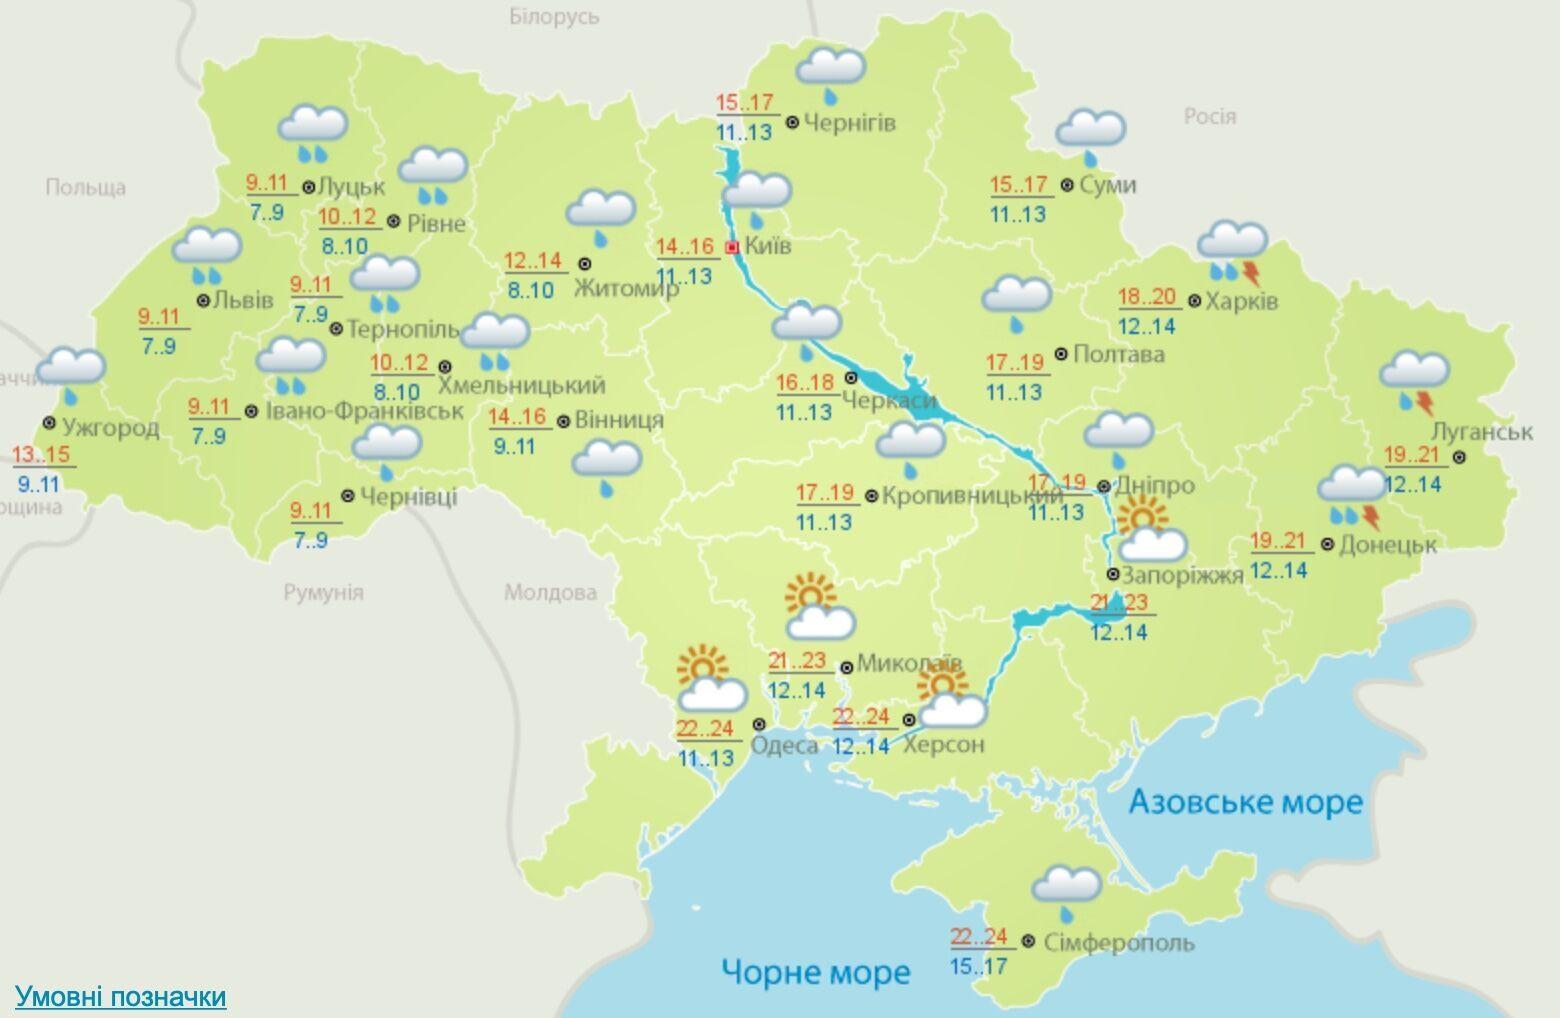 Погода в Україні на 19 вересня